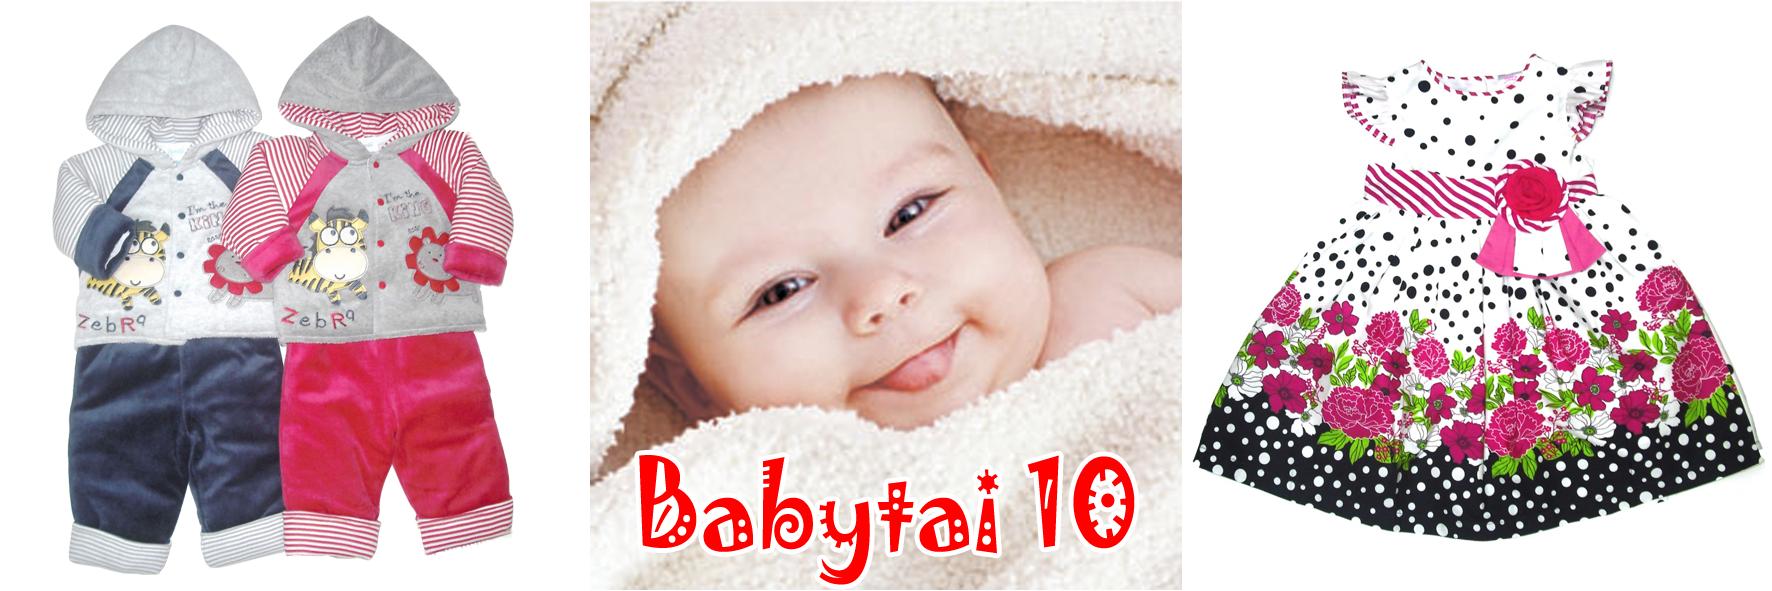 Сбор заказов. Babytai - большой выбор детской одежды от 0 и старше. Утепленные костюмы для малышей на прохладное лето и теплую осень. Распродажа: все по 200, 300, 400 рублей. Выкуп 10